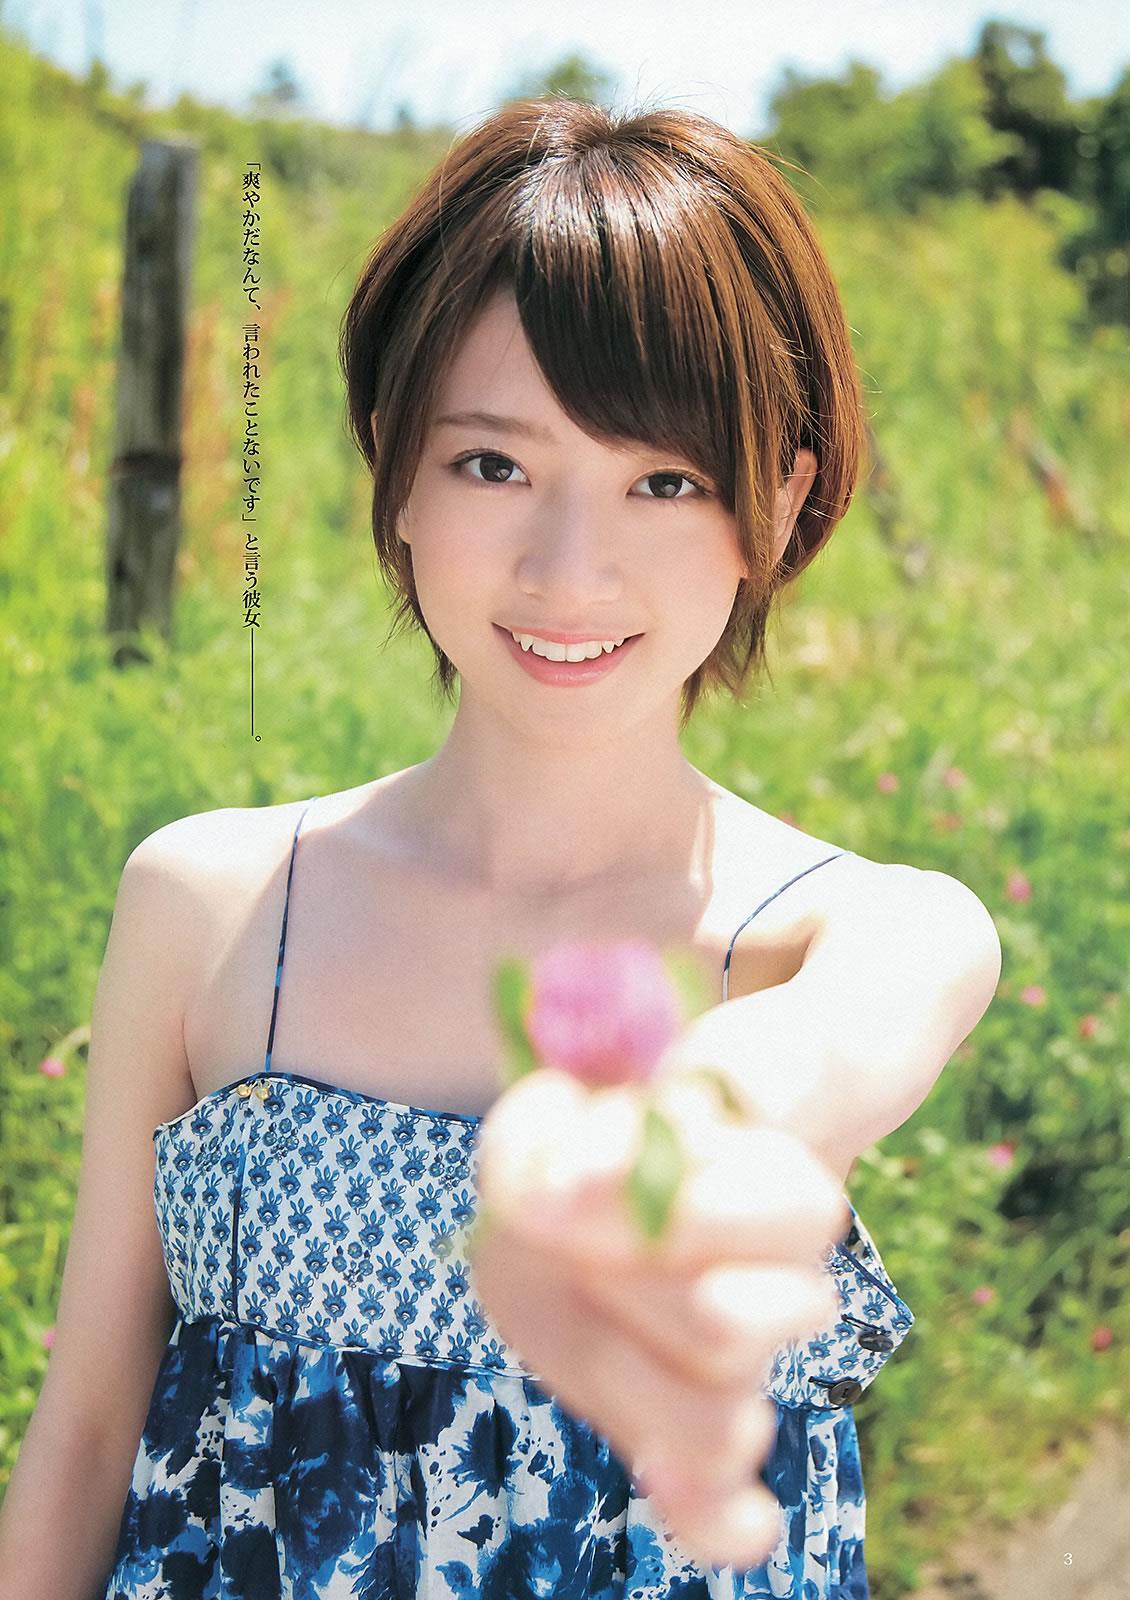 乃木坂46・橋本奈々未 画像 68